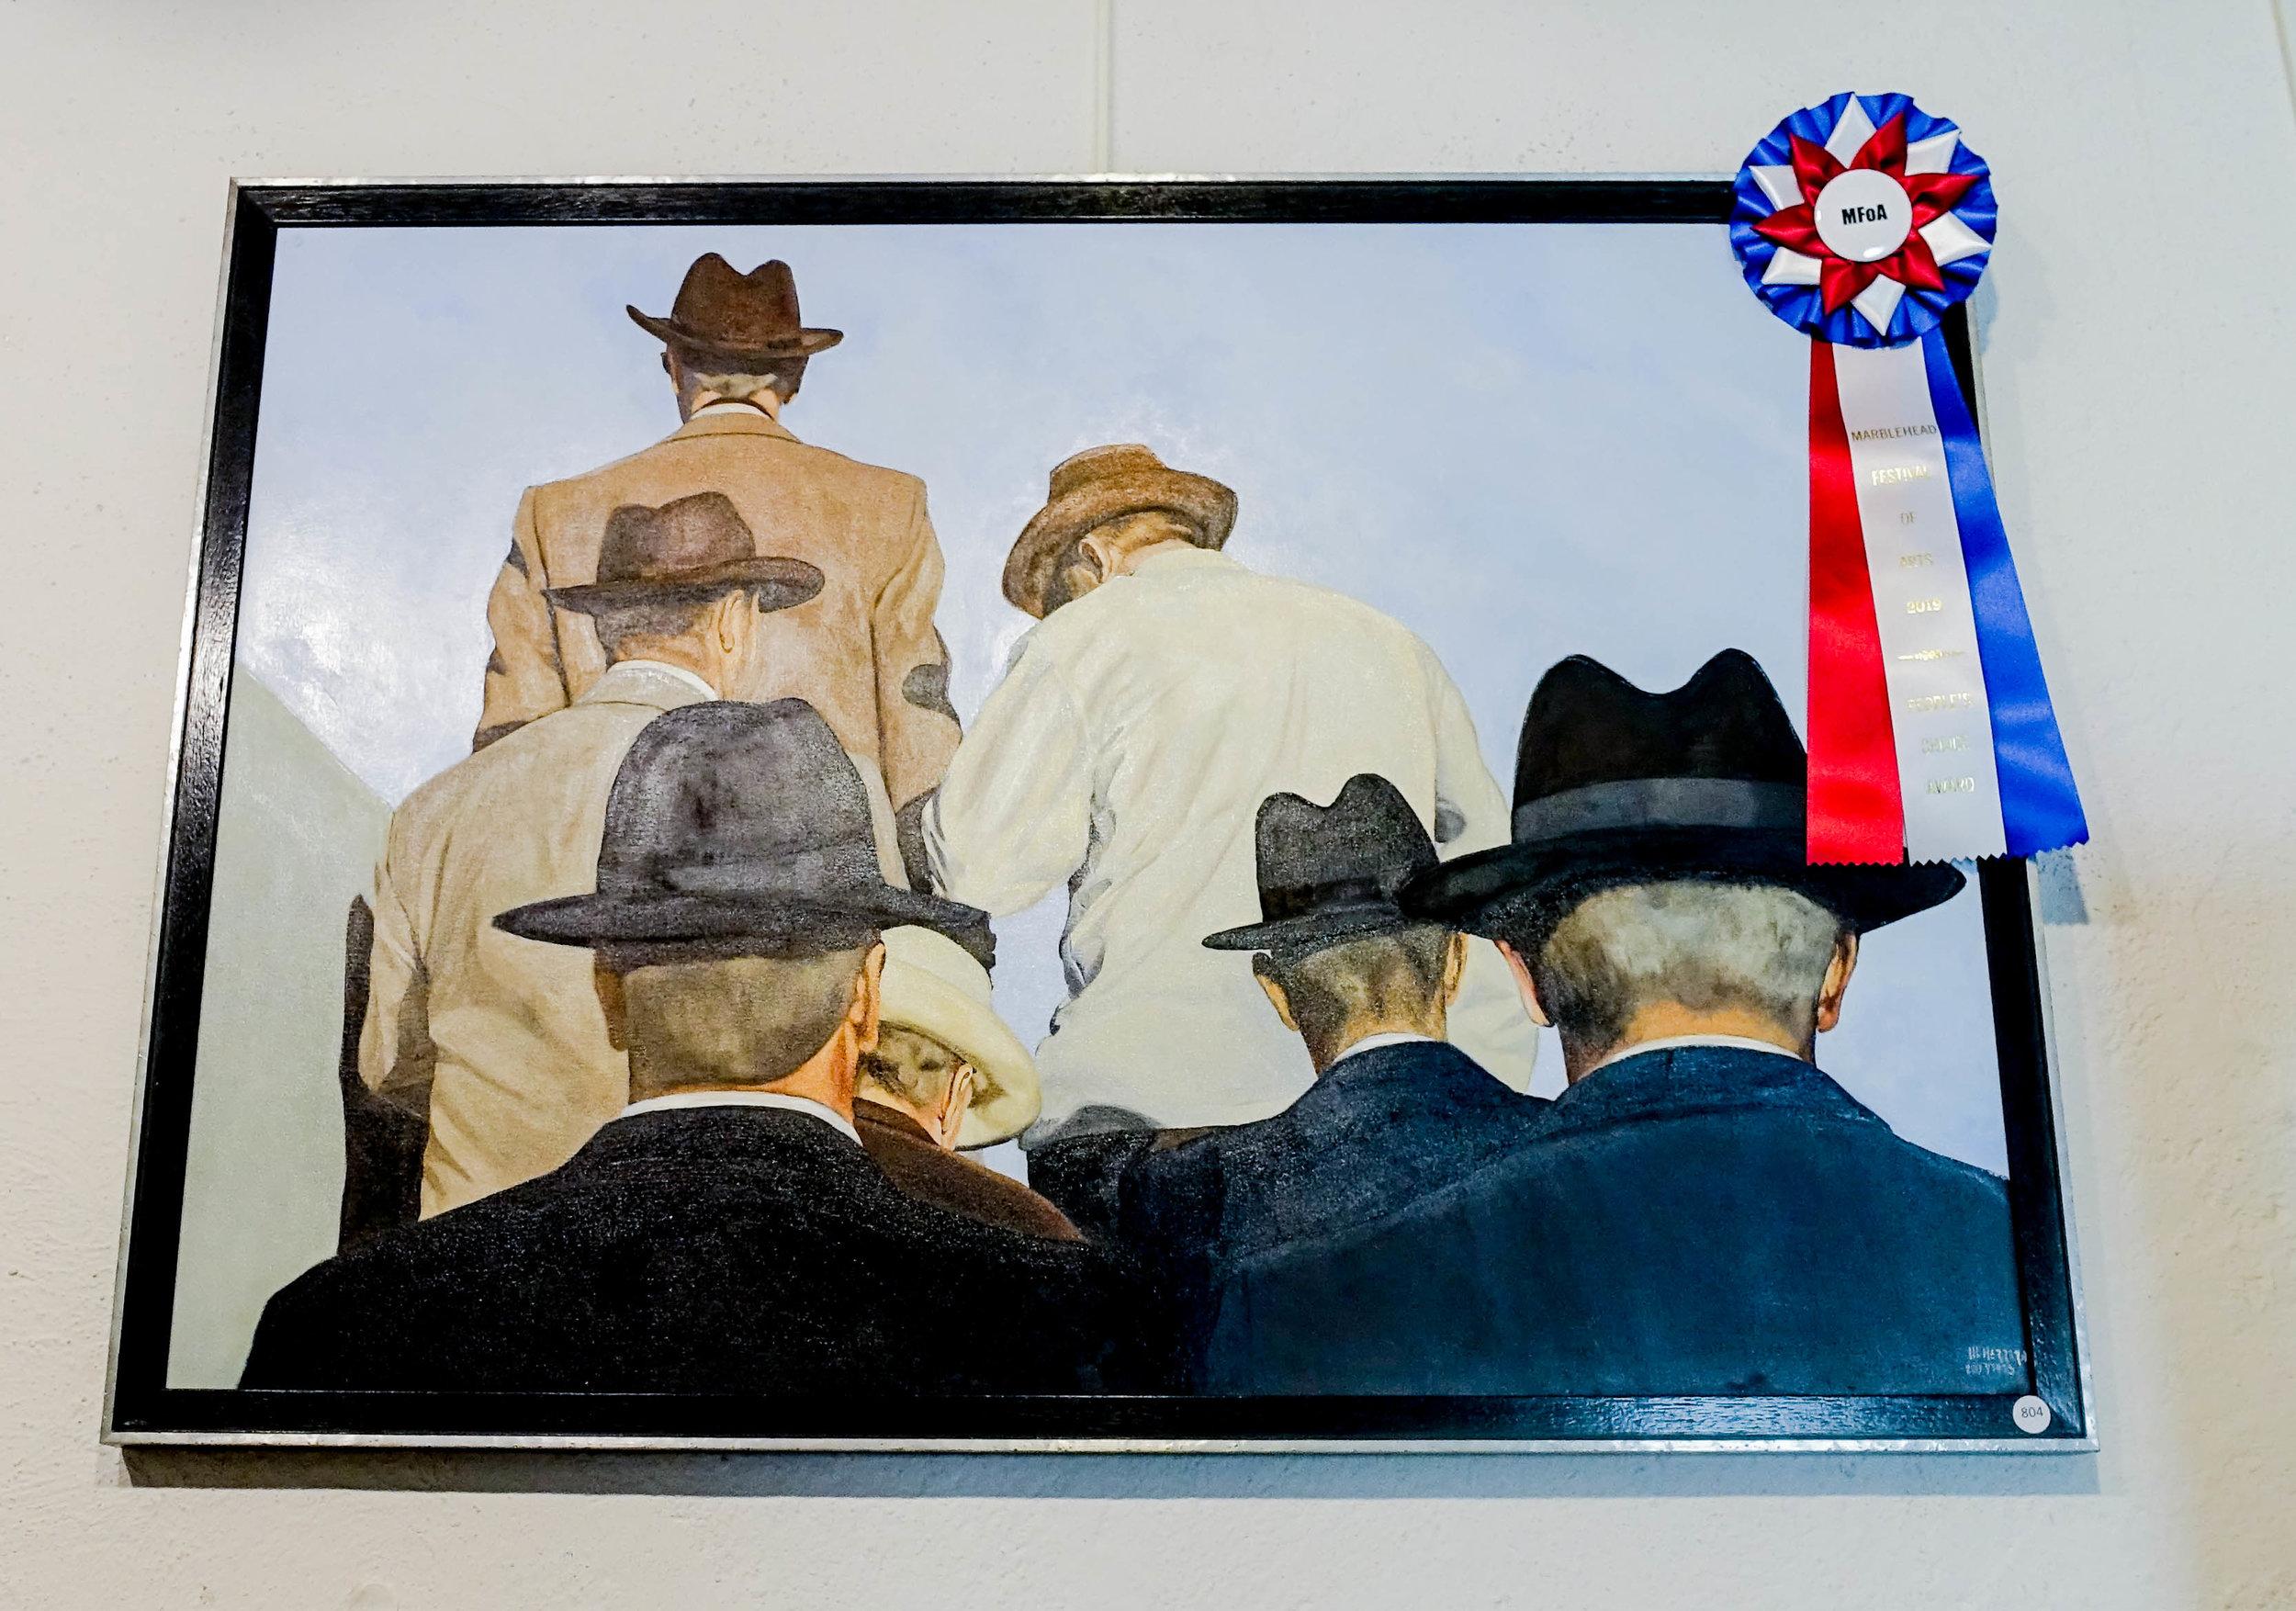 Senior Art, Marcelino Herrera Vegas